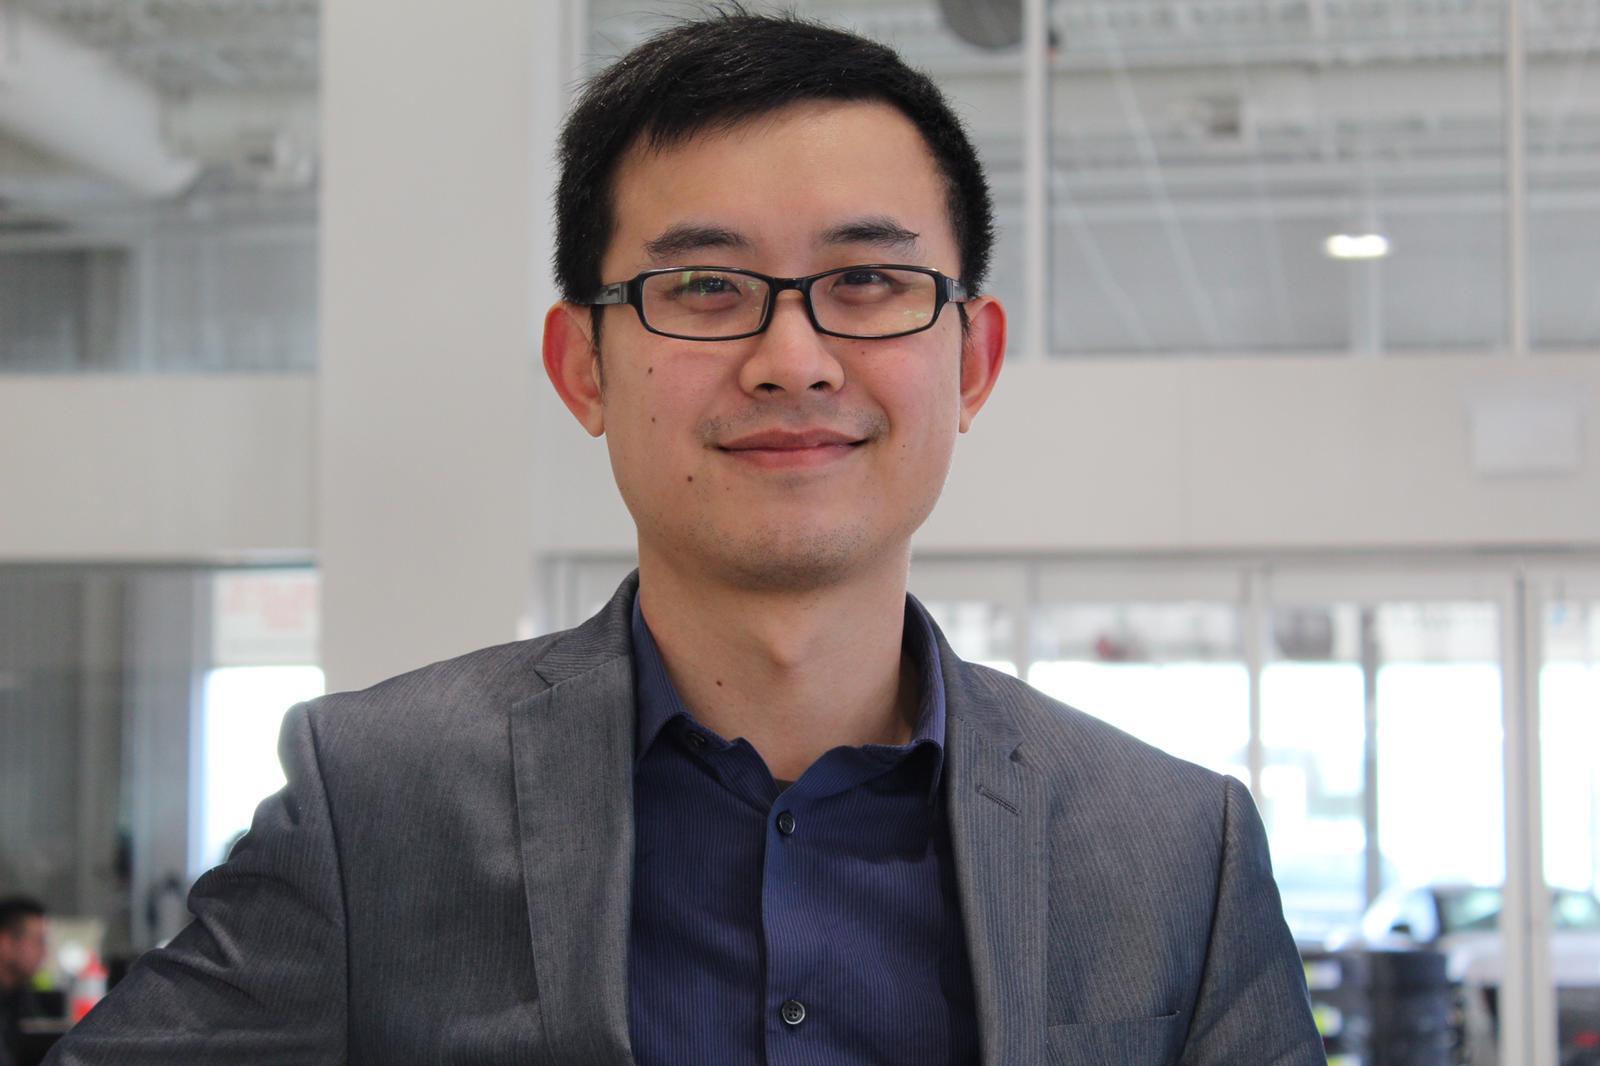 Danny Wang